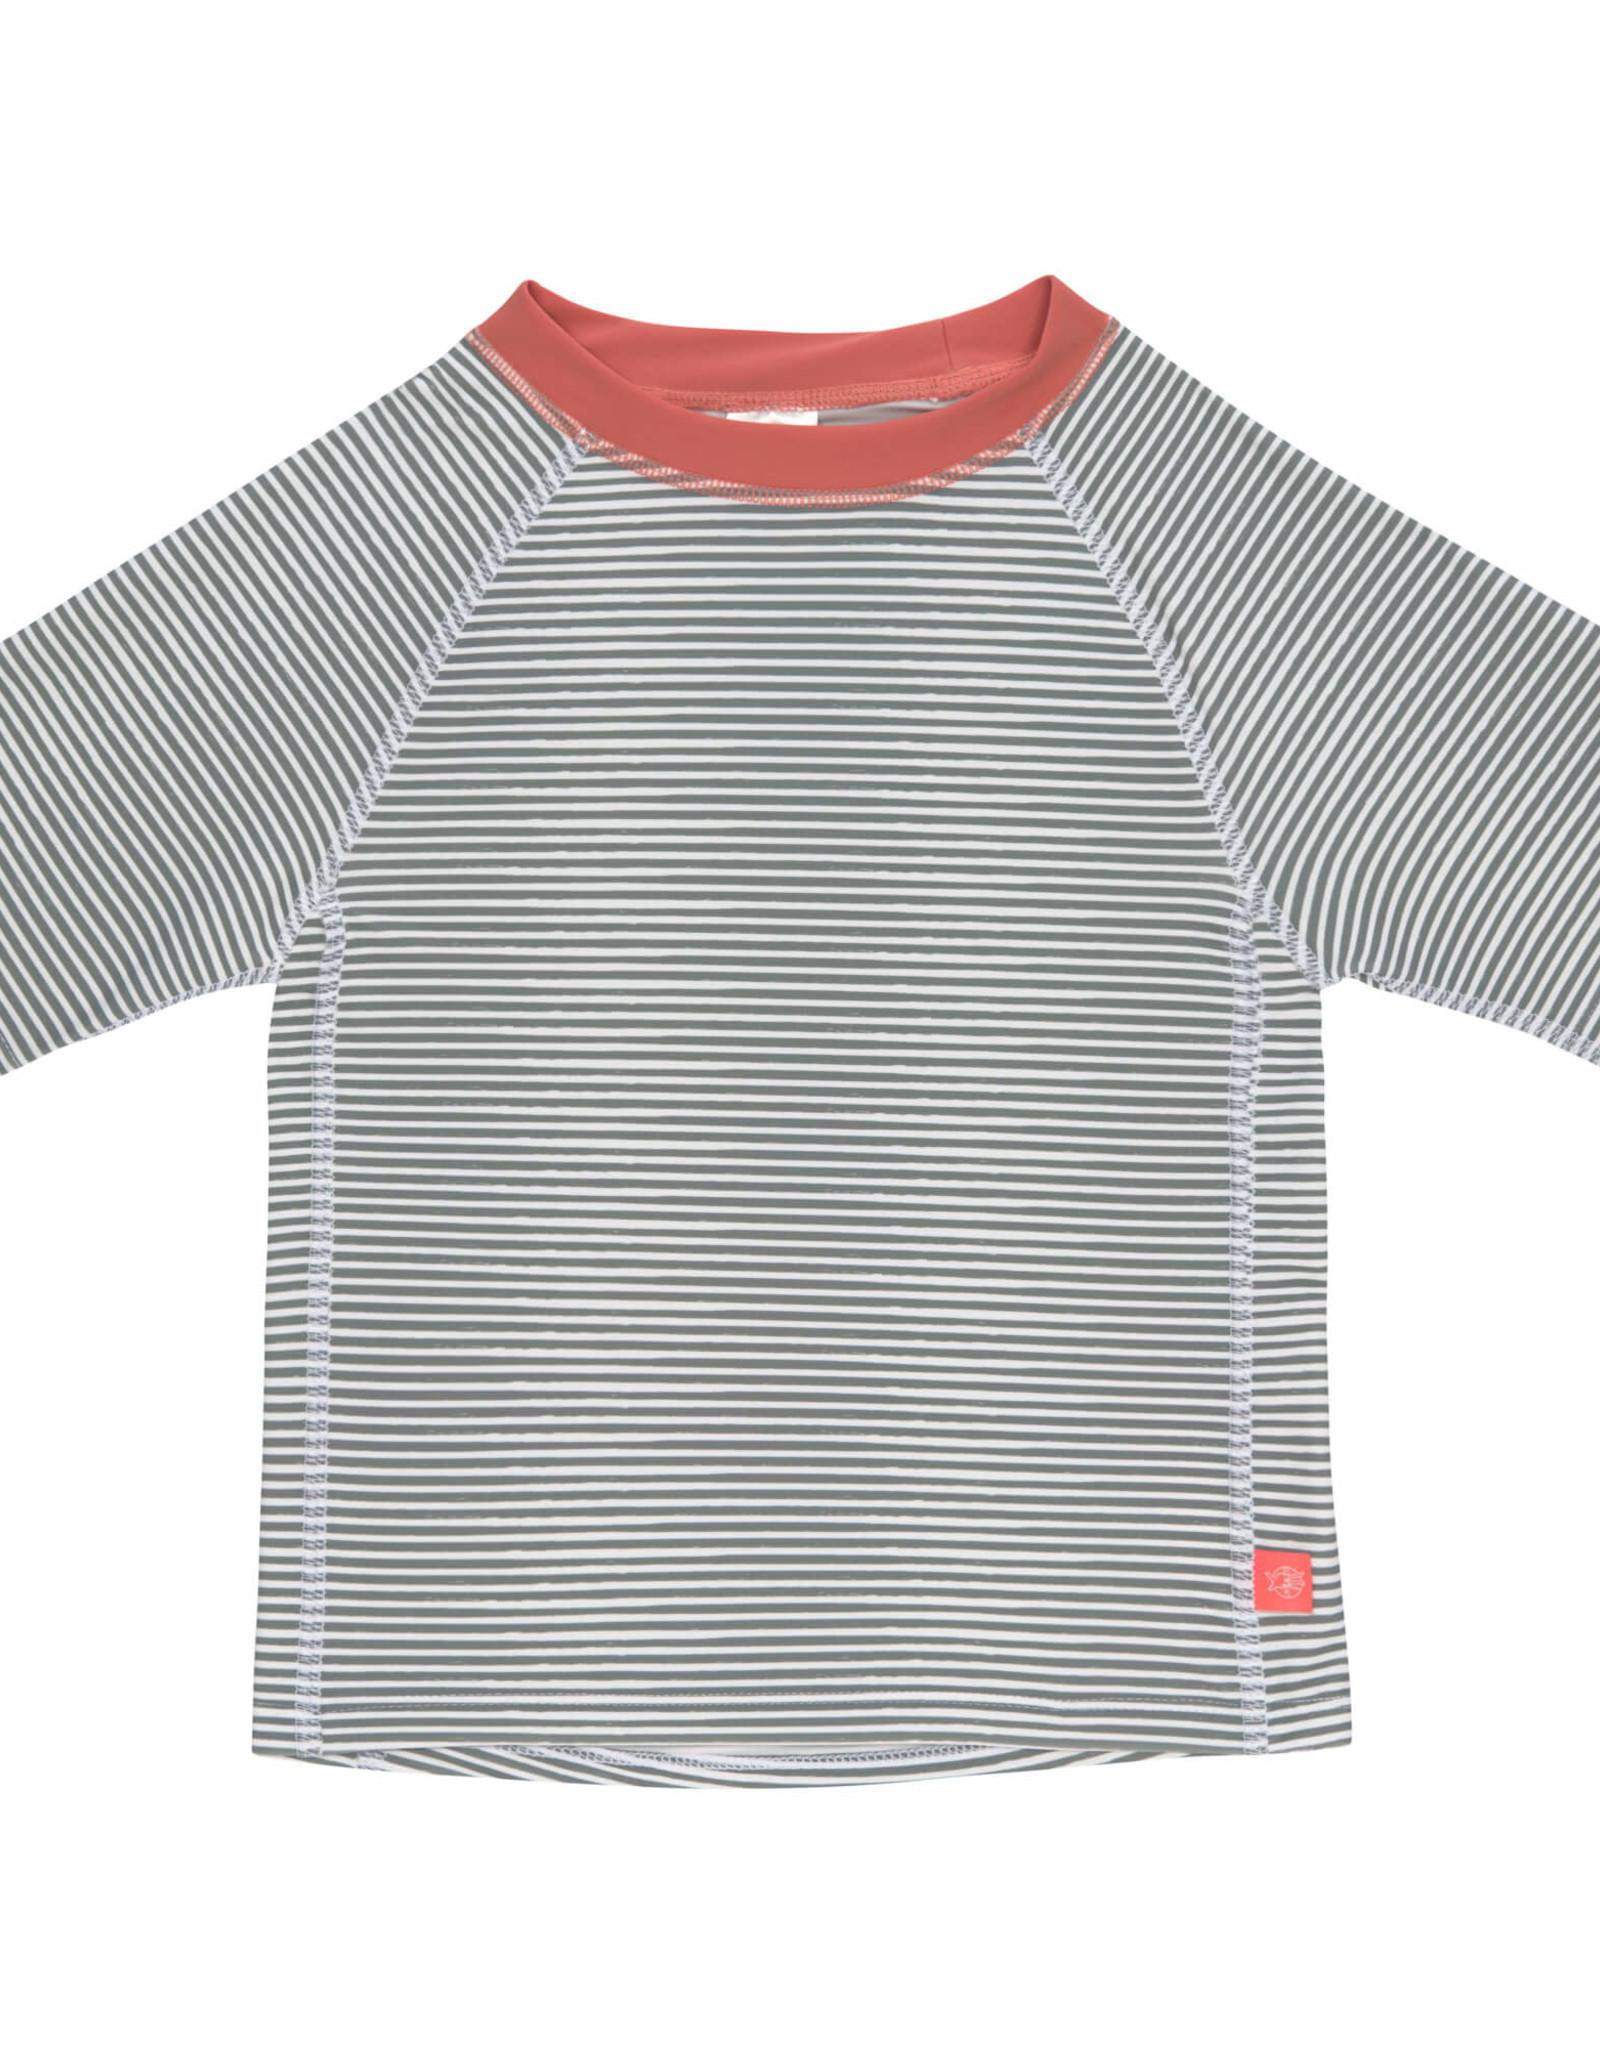 Lässig T-shirt KM Striped UV-50+